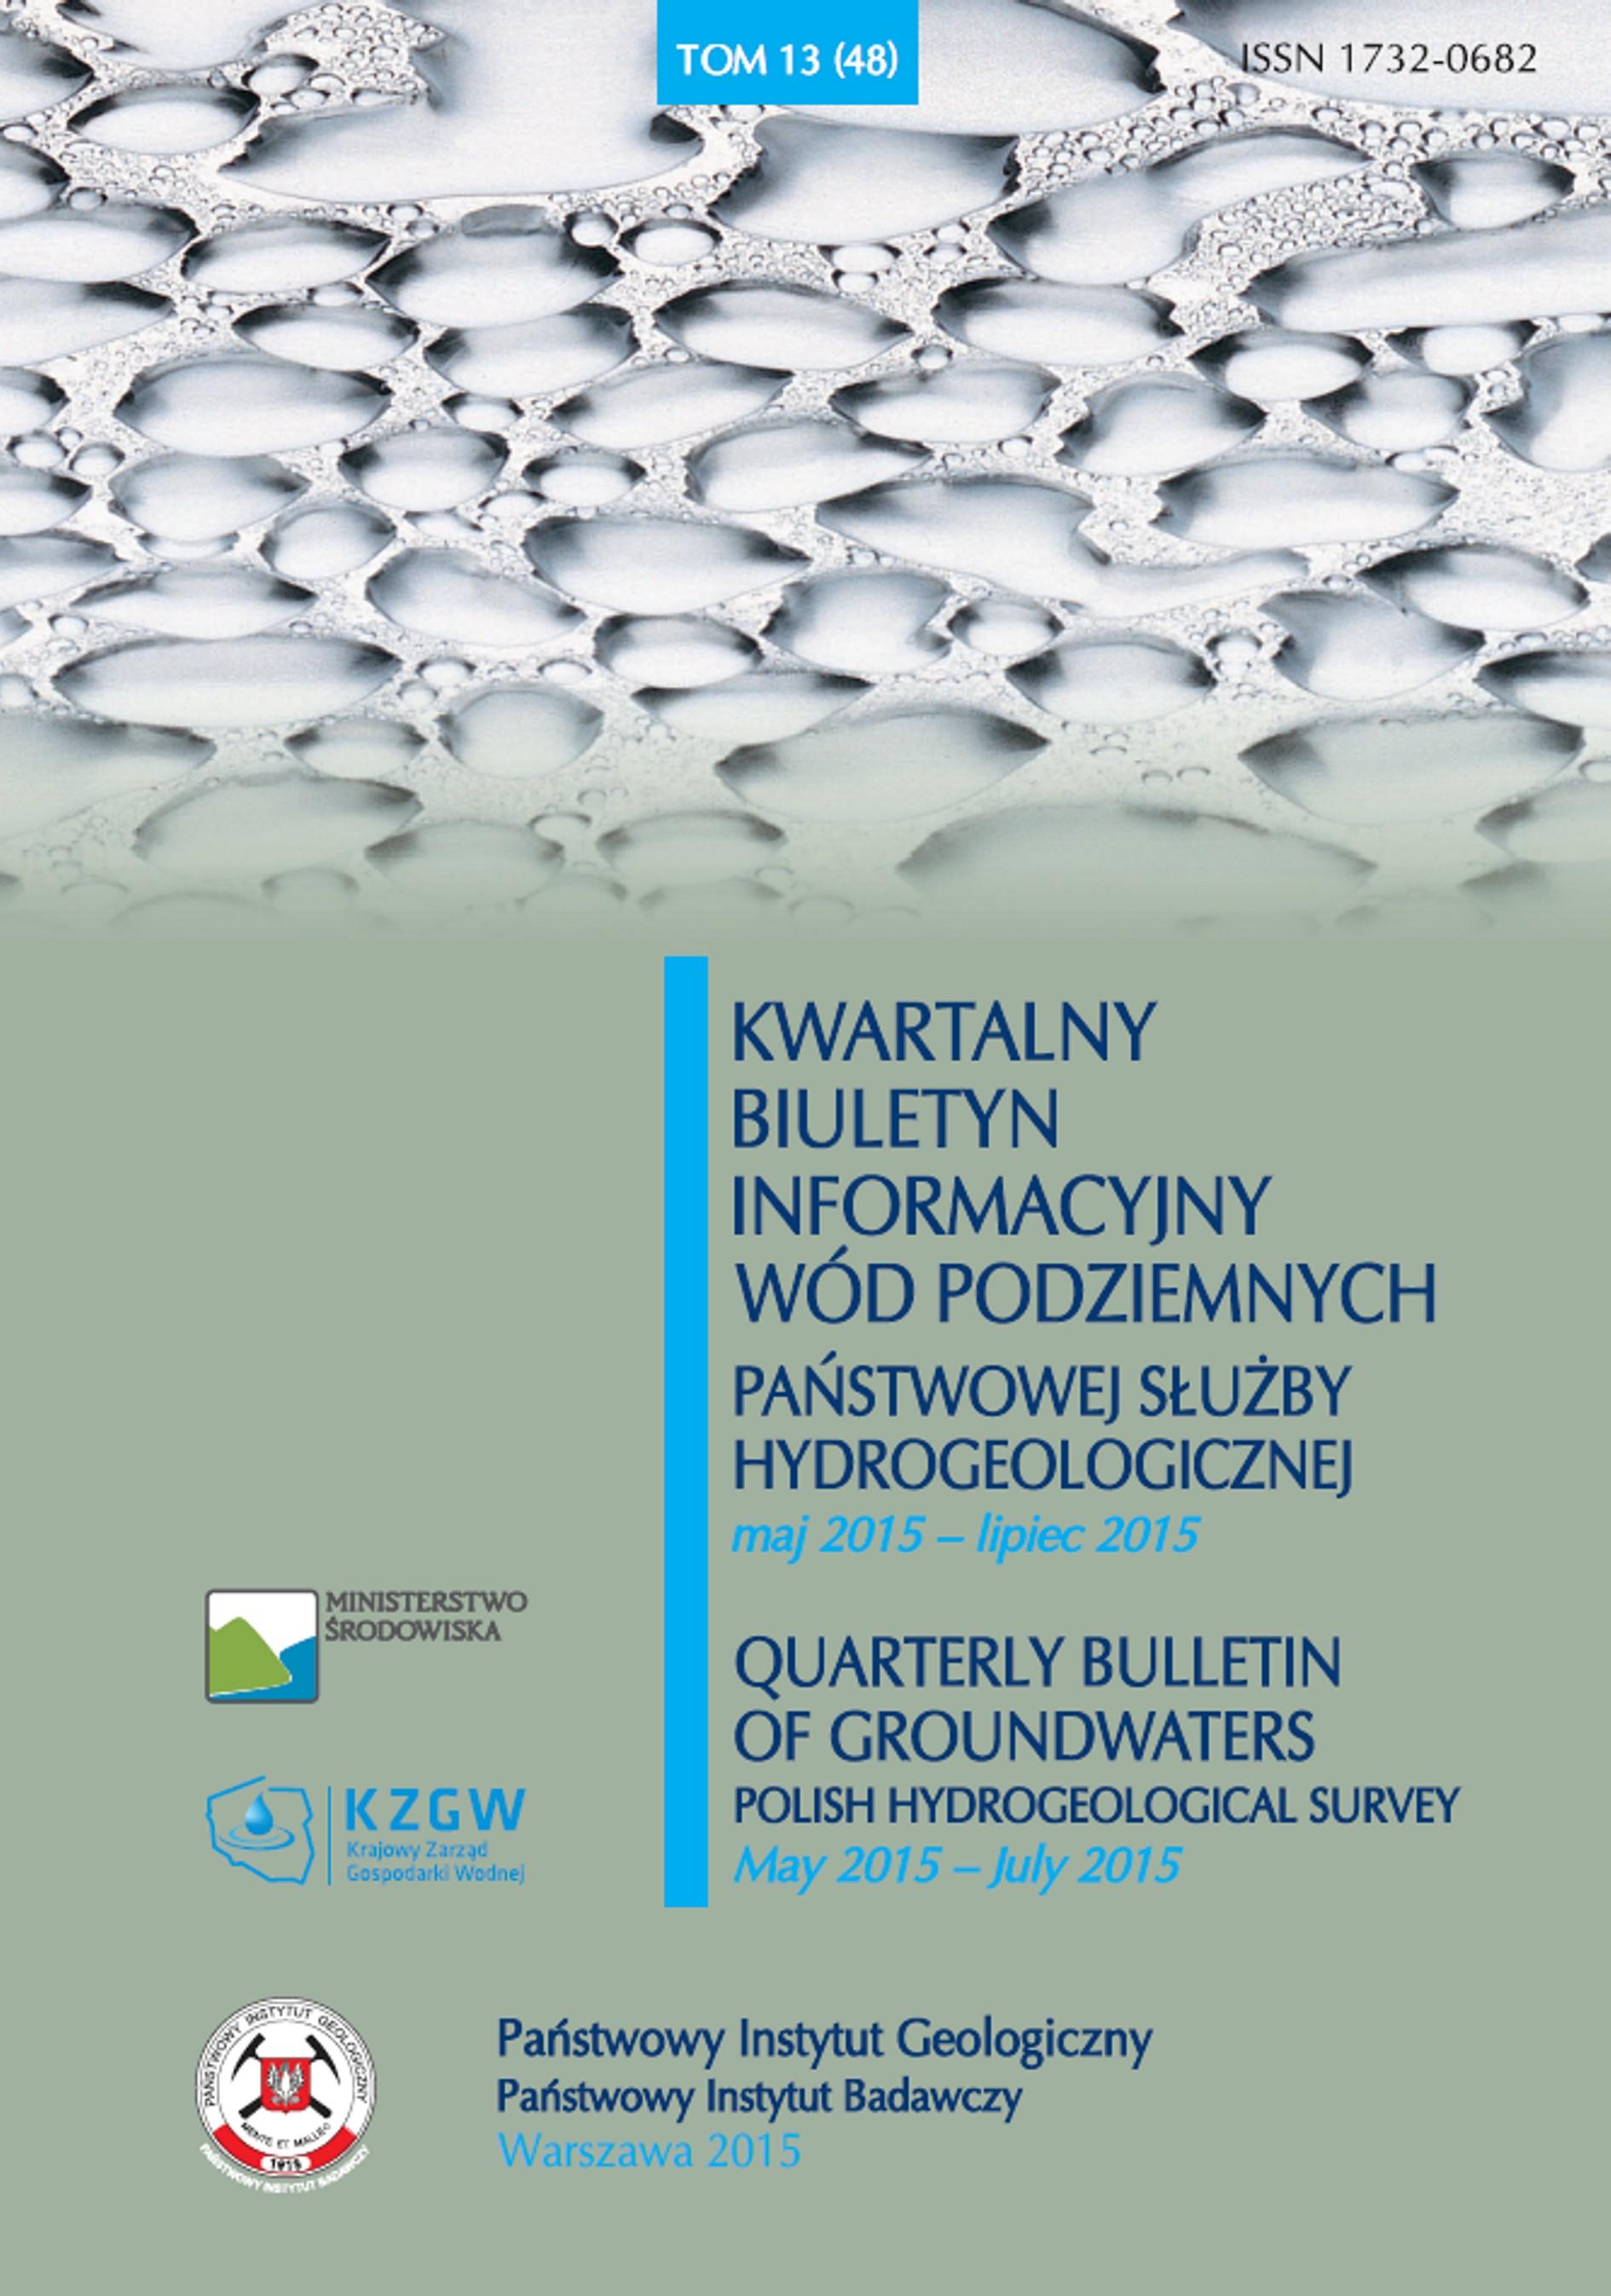 Kwartalny Biuletyn Informacyjny Wód Podziemnych TOM 13(48) maj - lipiec 2015